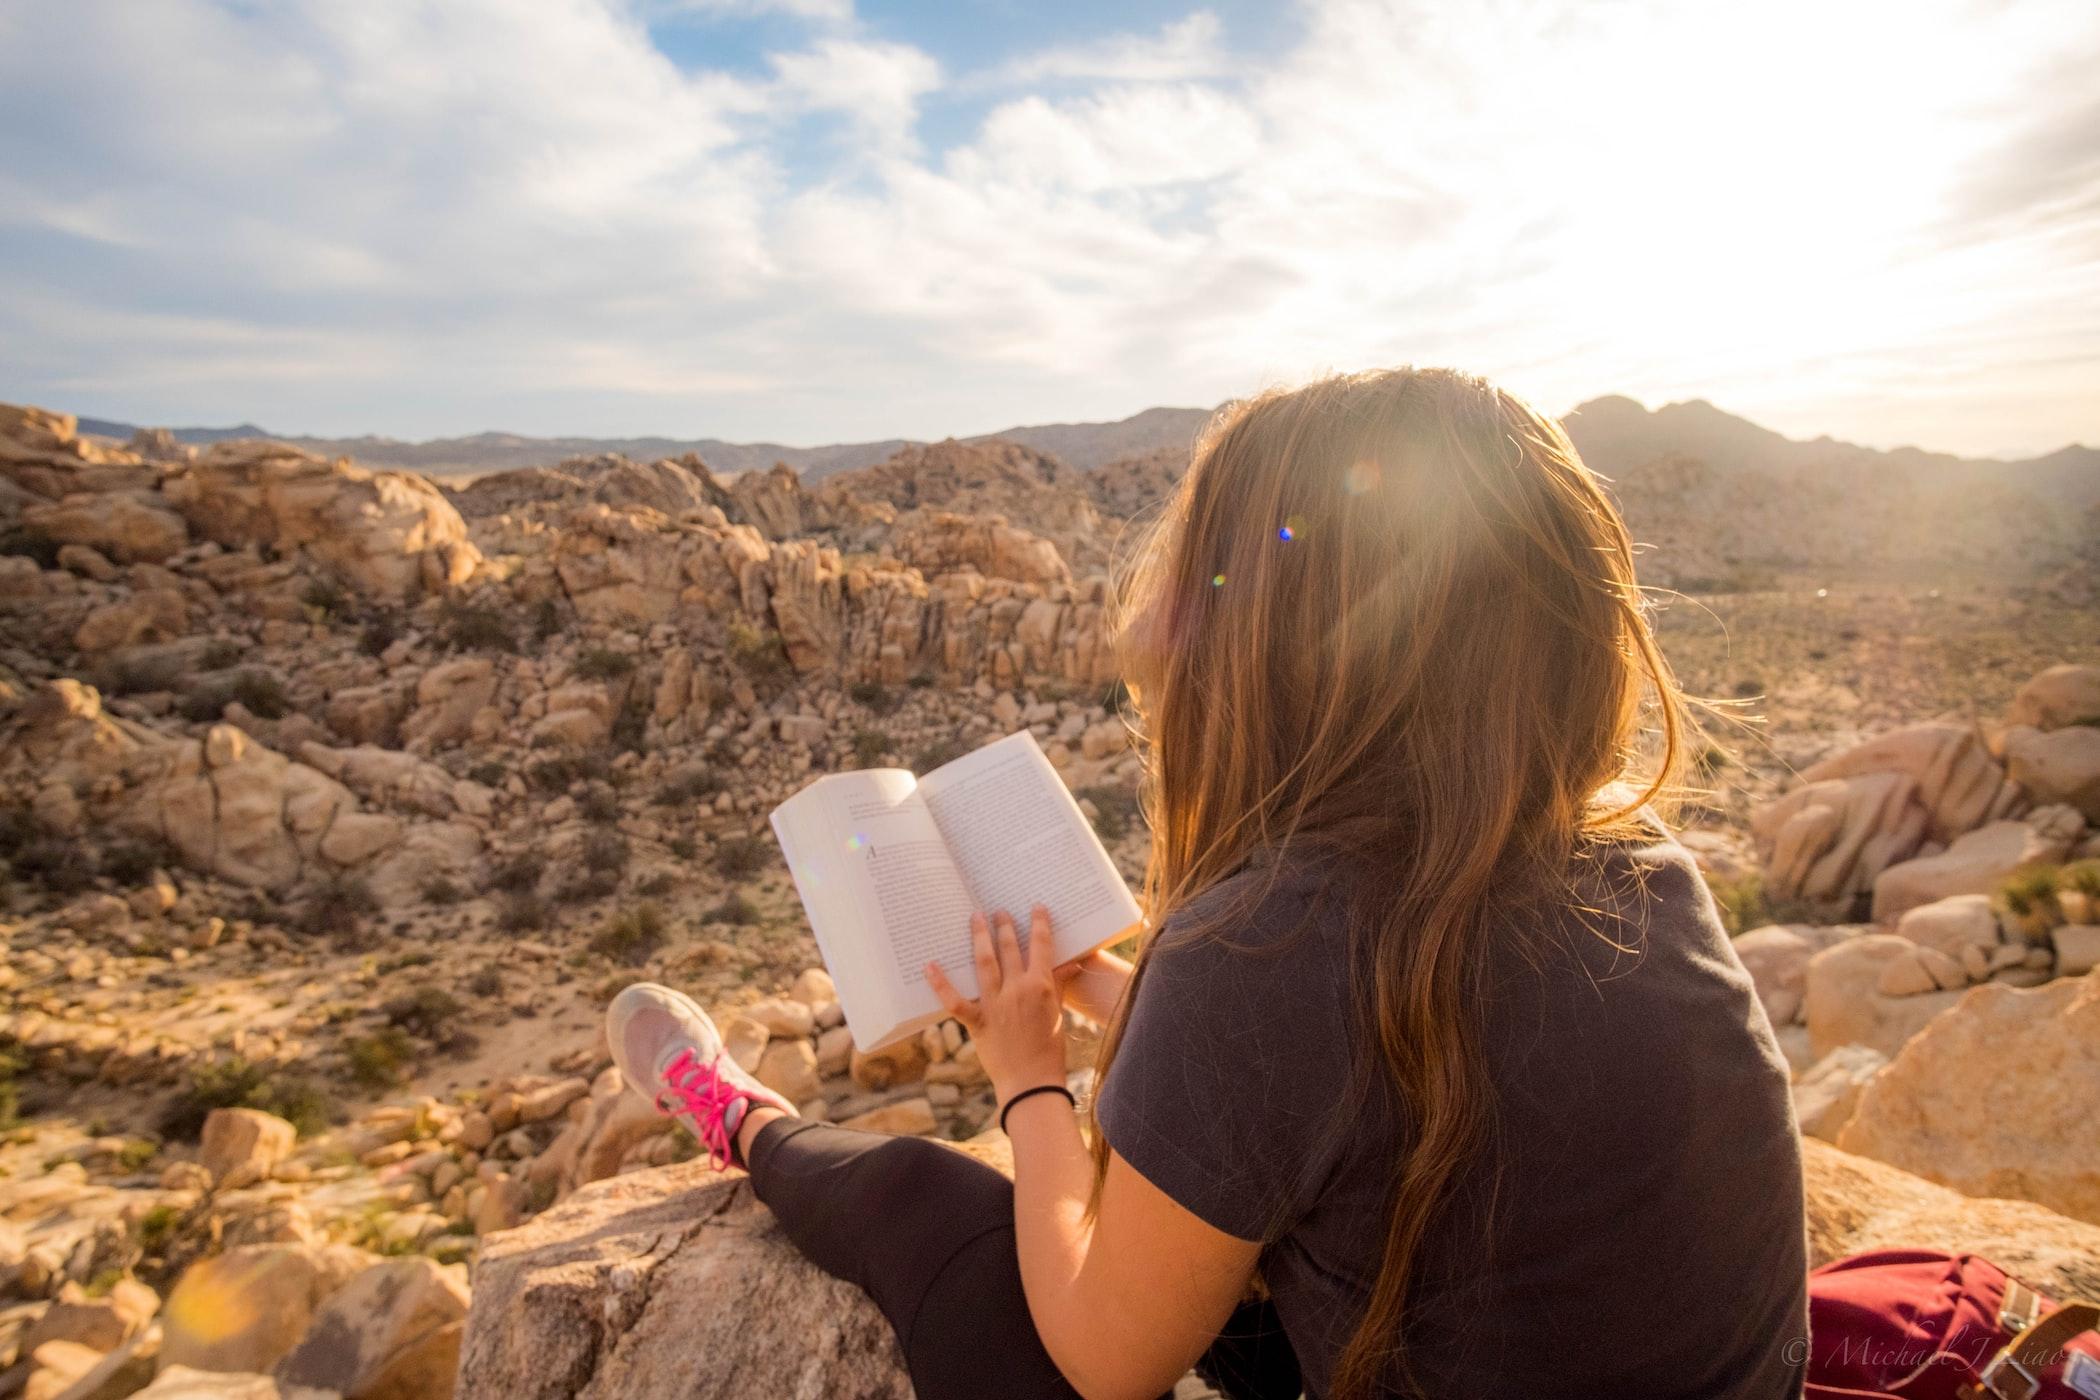 隙間時間を効果的に使うために『ざっくり読むことを繰り返す』